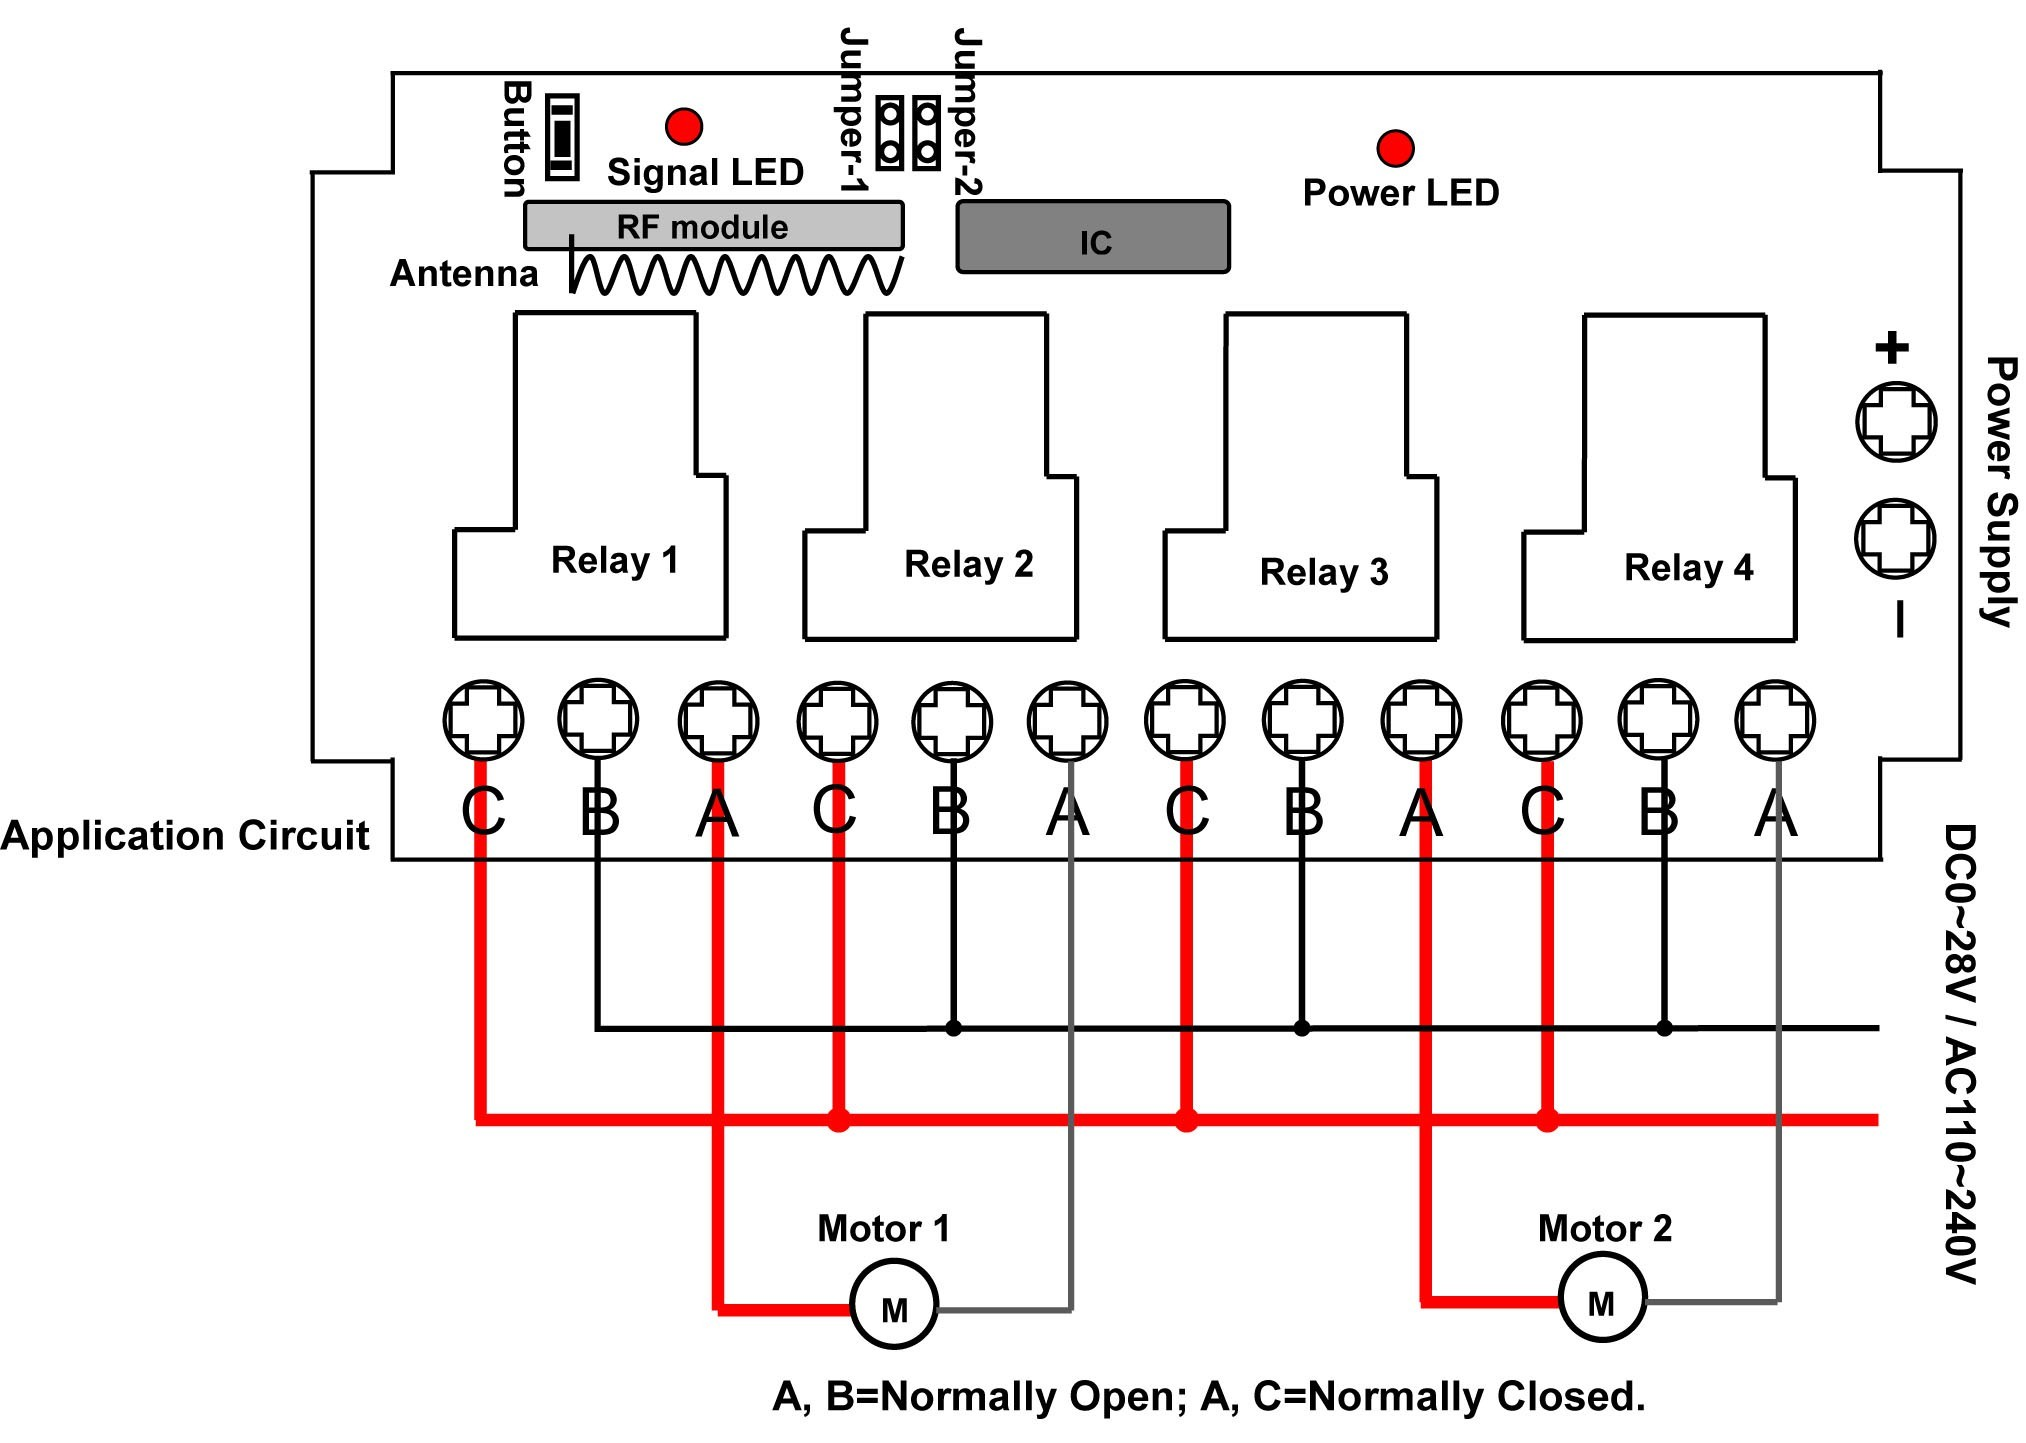 Liftmaster Garage Door Opener Wiring Diagram Genie Garage Door Opener Wiring Diagram New Charming Lift Master Of Liftmaster Garage Door Opener Wiring Diagram